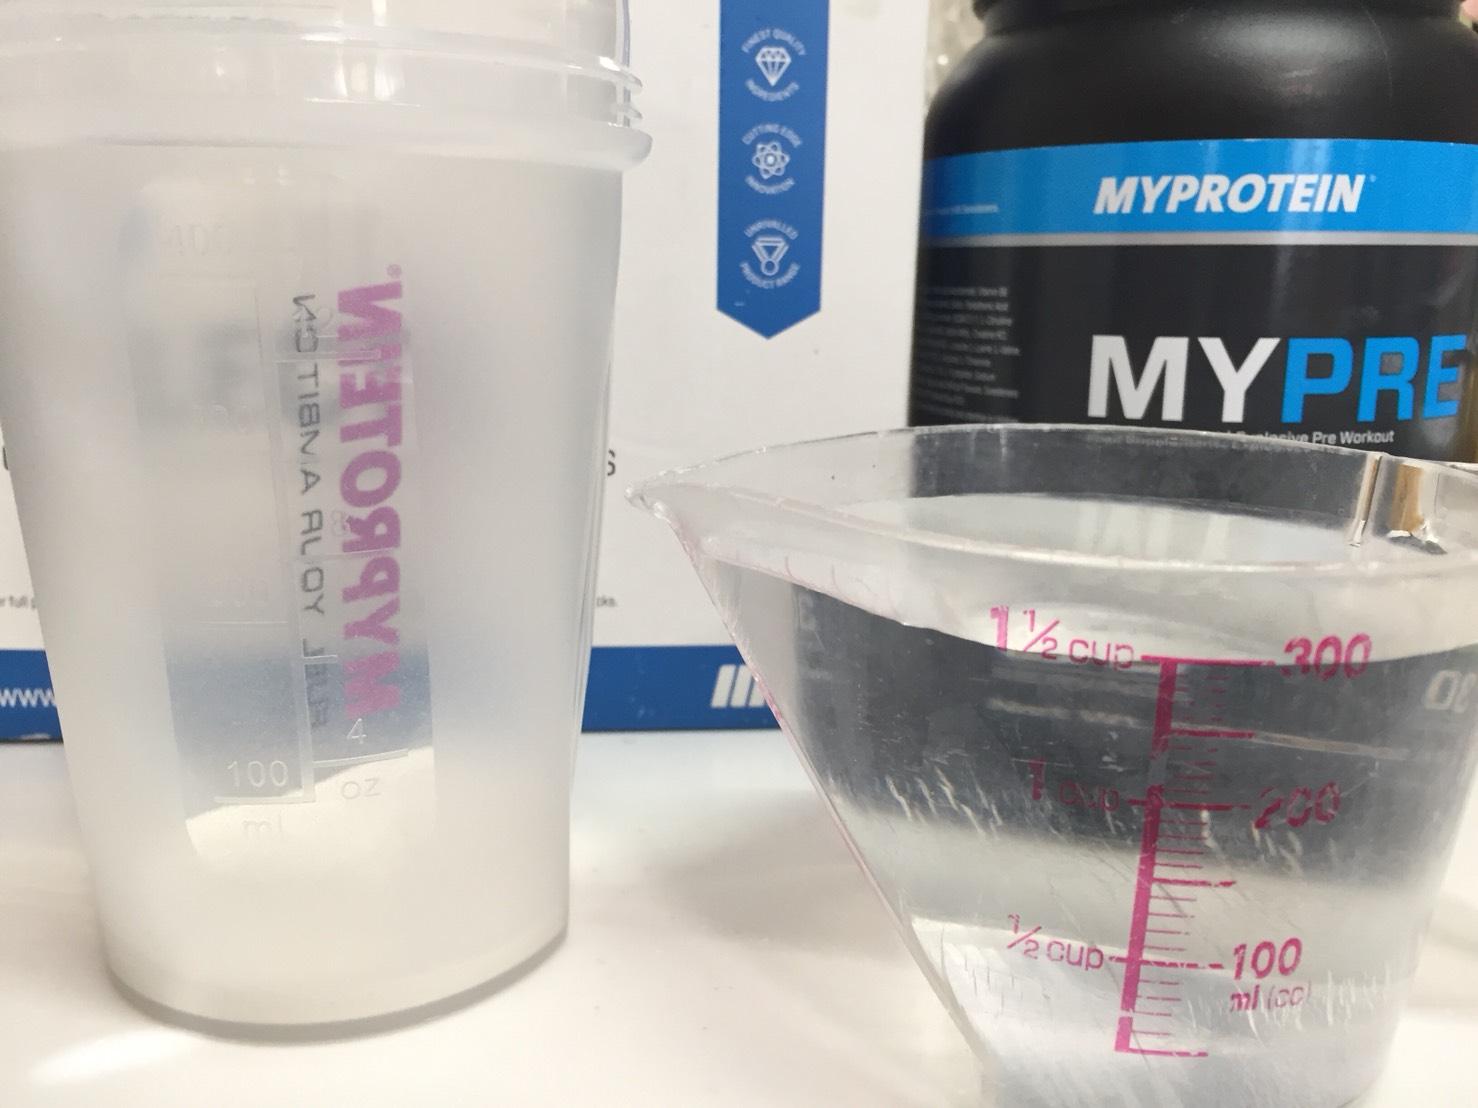 Mypre(マイプレ)の「Sour Apple Flavour(サワーアップル味)」を300mlの水に溶かします